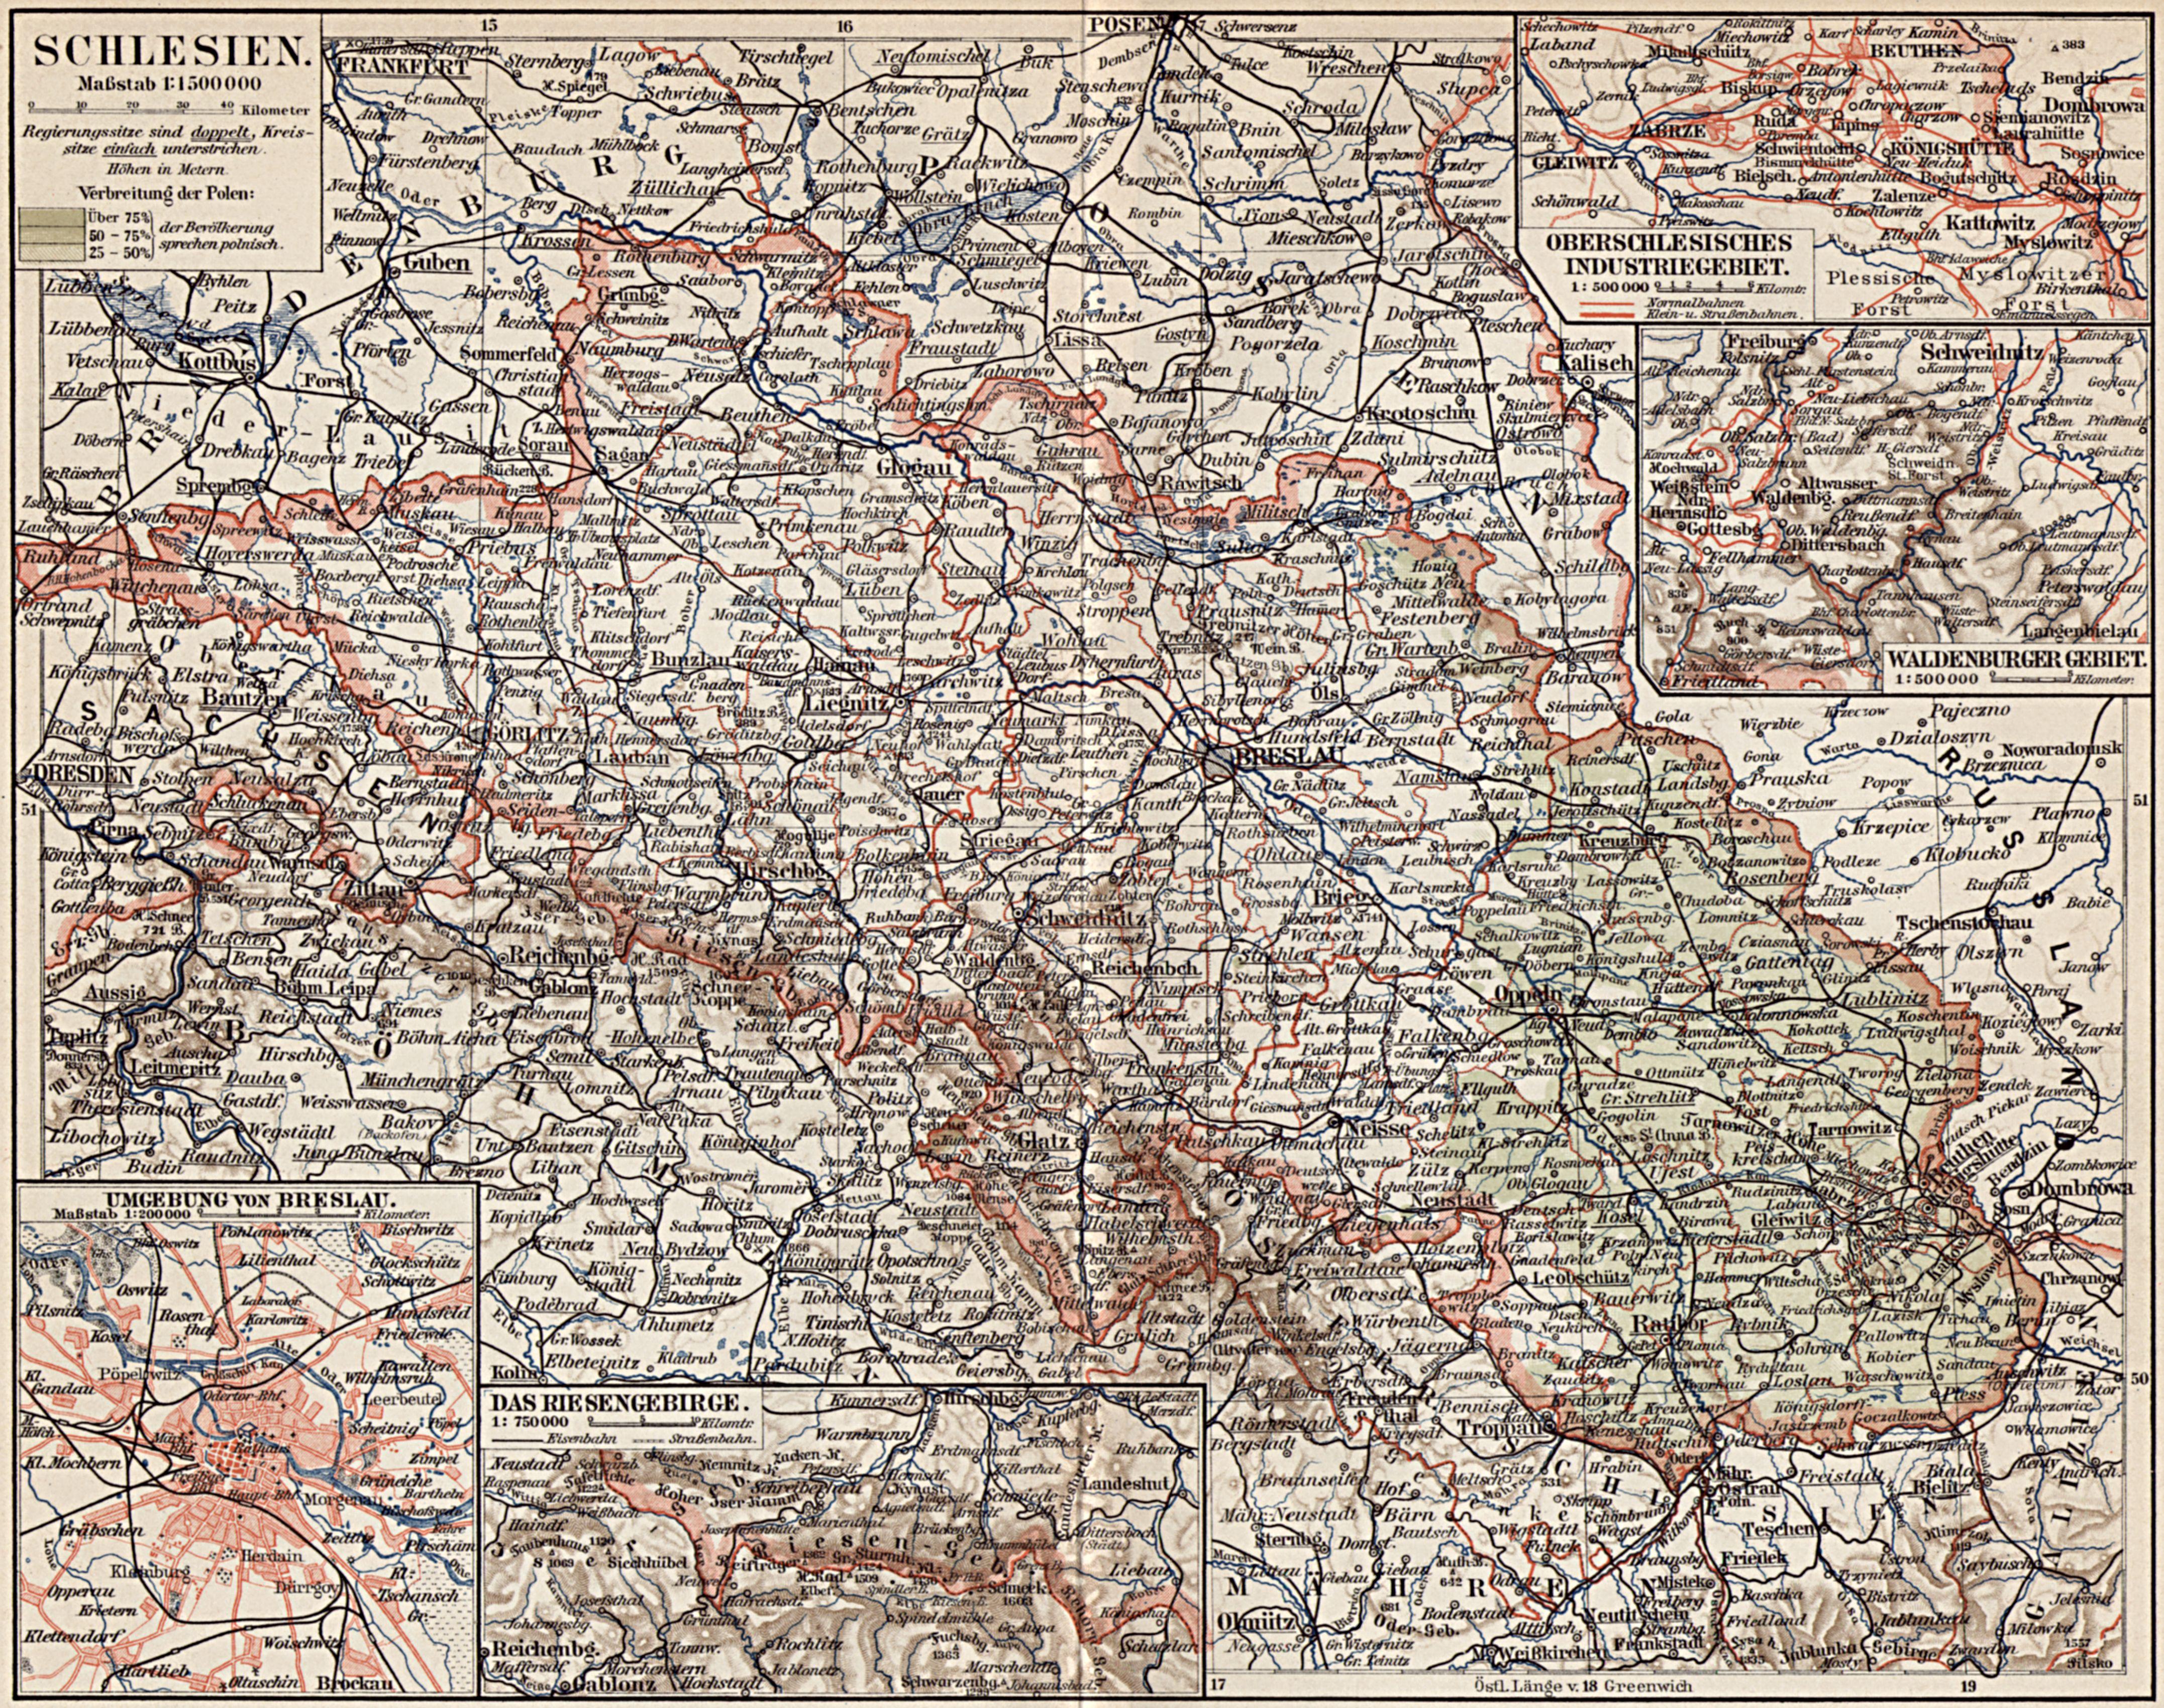 Warmińsko Mazurskie Forum Poszukiwaczy Zobacz Wątek Linki Do Map